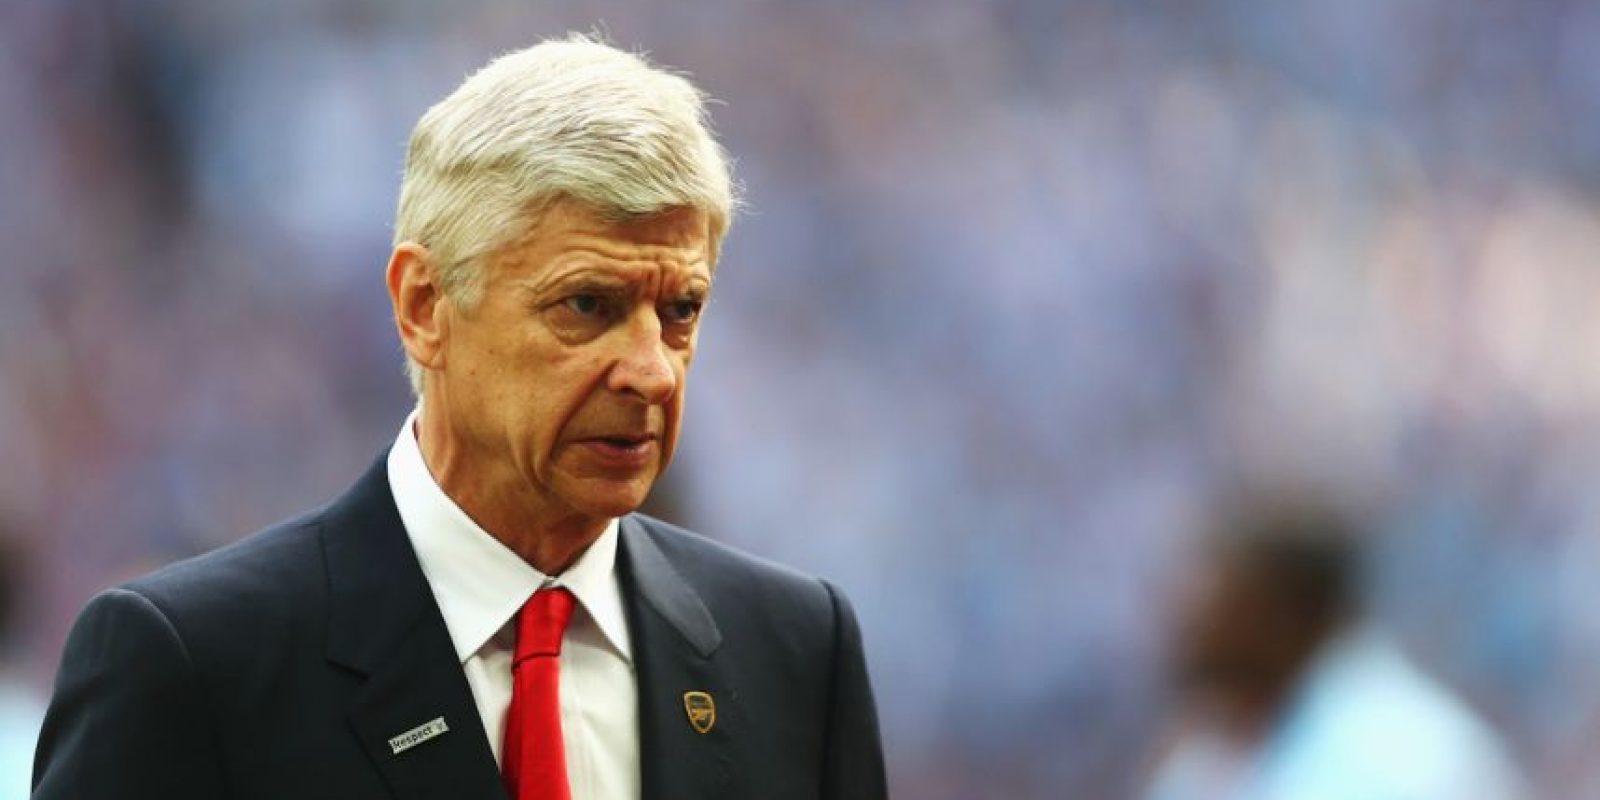 Wenger tuvo una carrera como futbolista bastante discreta, pero mientras jugaba en el fútbol de Francia, estudió en la Universidad de Estrasburgo y logró graduarse en Ciencias económicas. Además, sabe hablar 7 idiomas. Foto:Getty Images